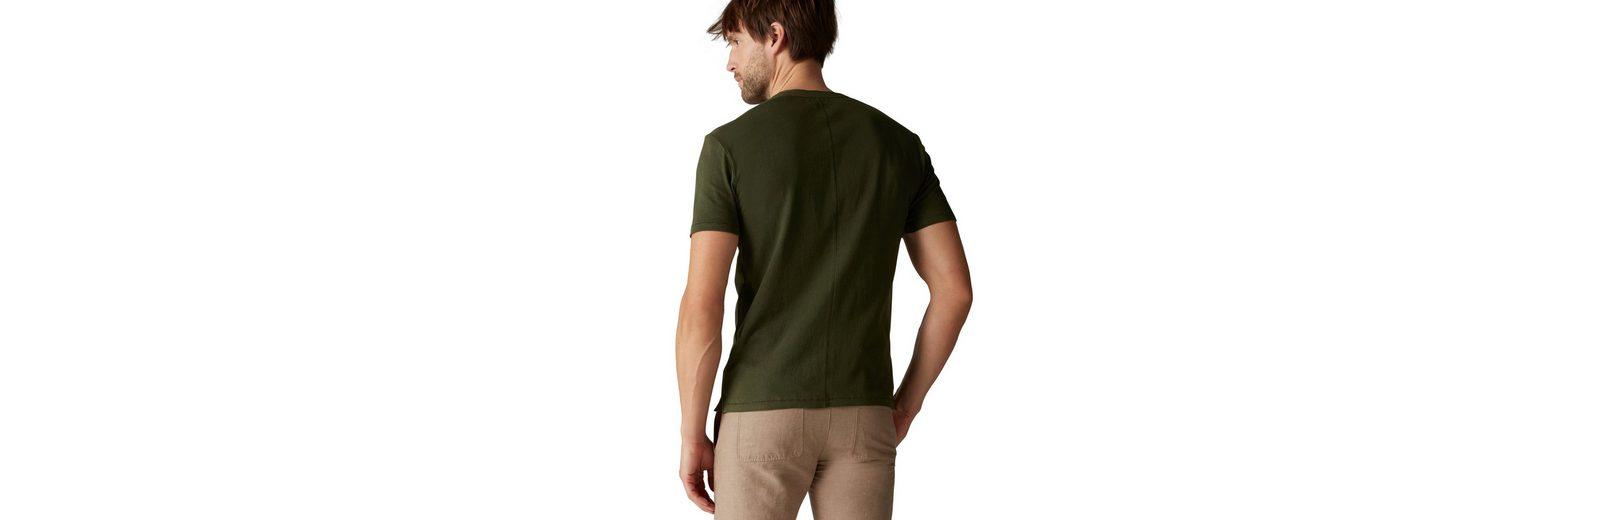 Erkunden Online Mode Zum Verkauf Marc O'Polo T-Shirt Cool Einkaufen VTeKD9GfCT